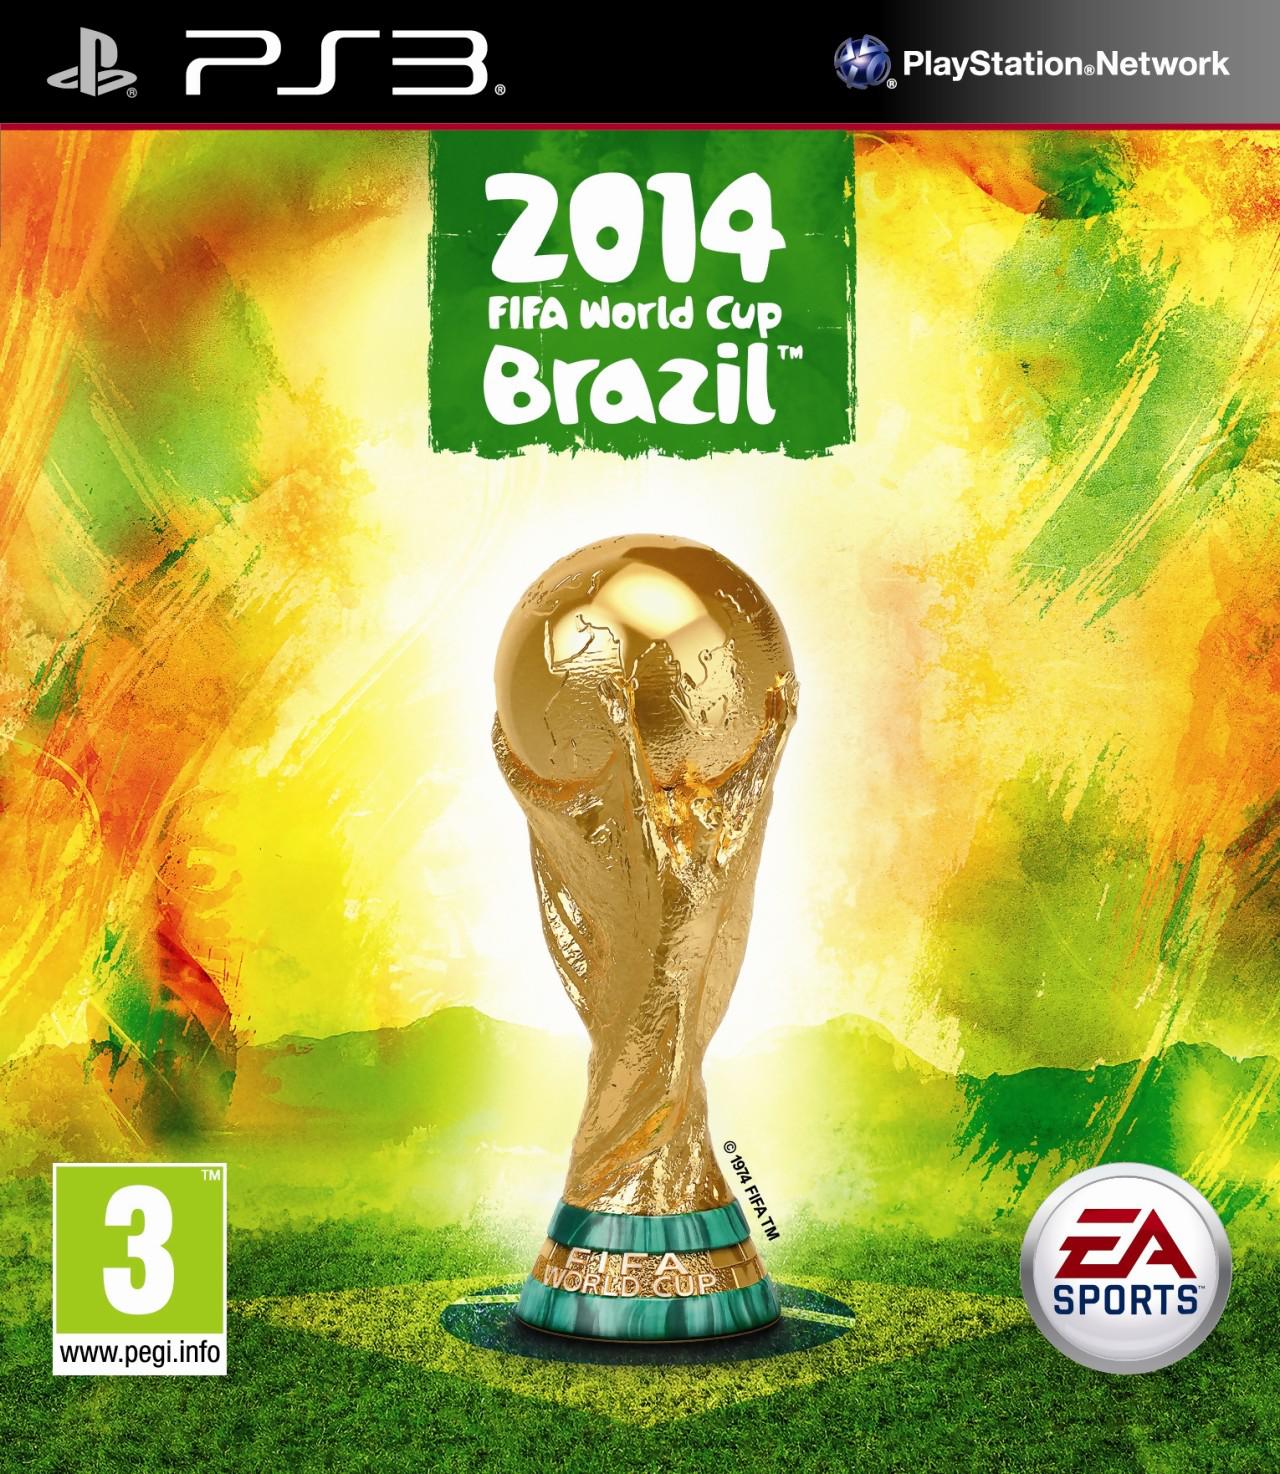 Coupe du Monde de la Fifa Brésil 2014 sur PS3 et Xbox 360 (Avec ODR de 5€)